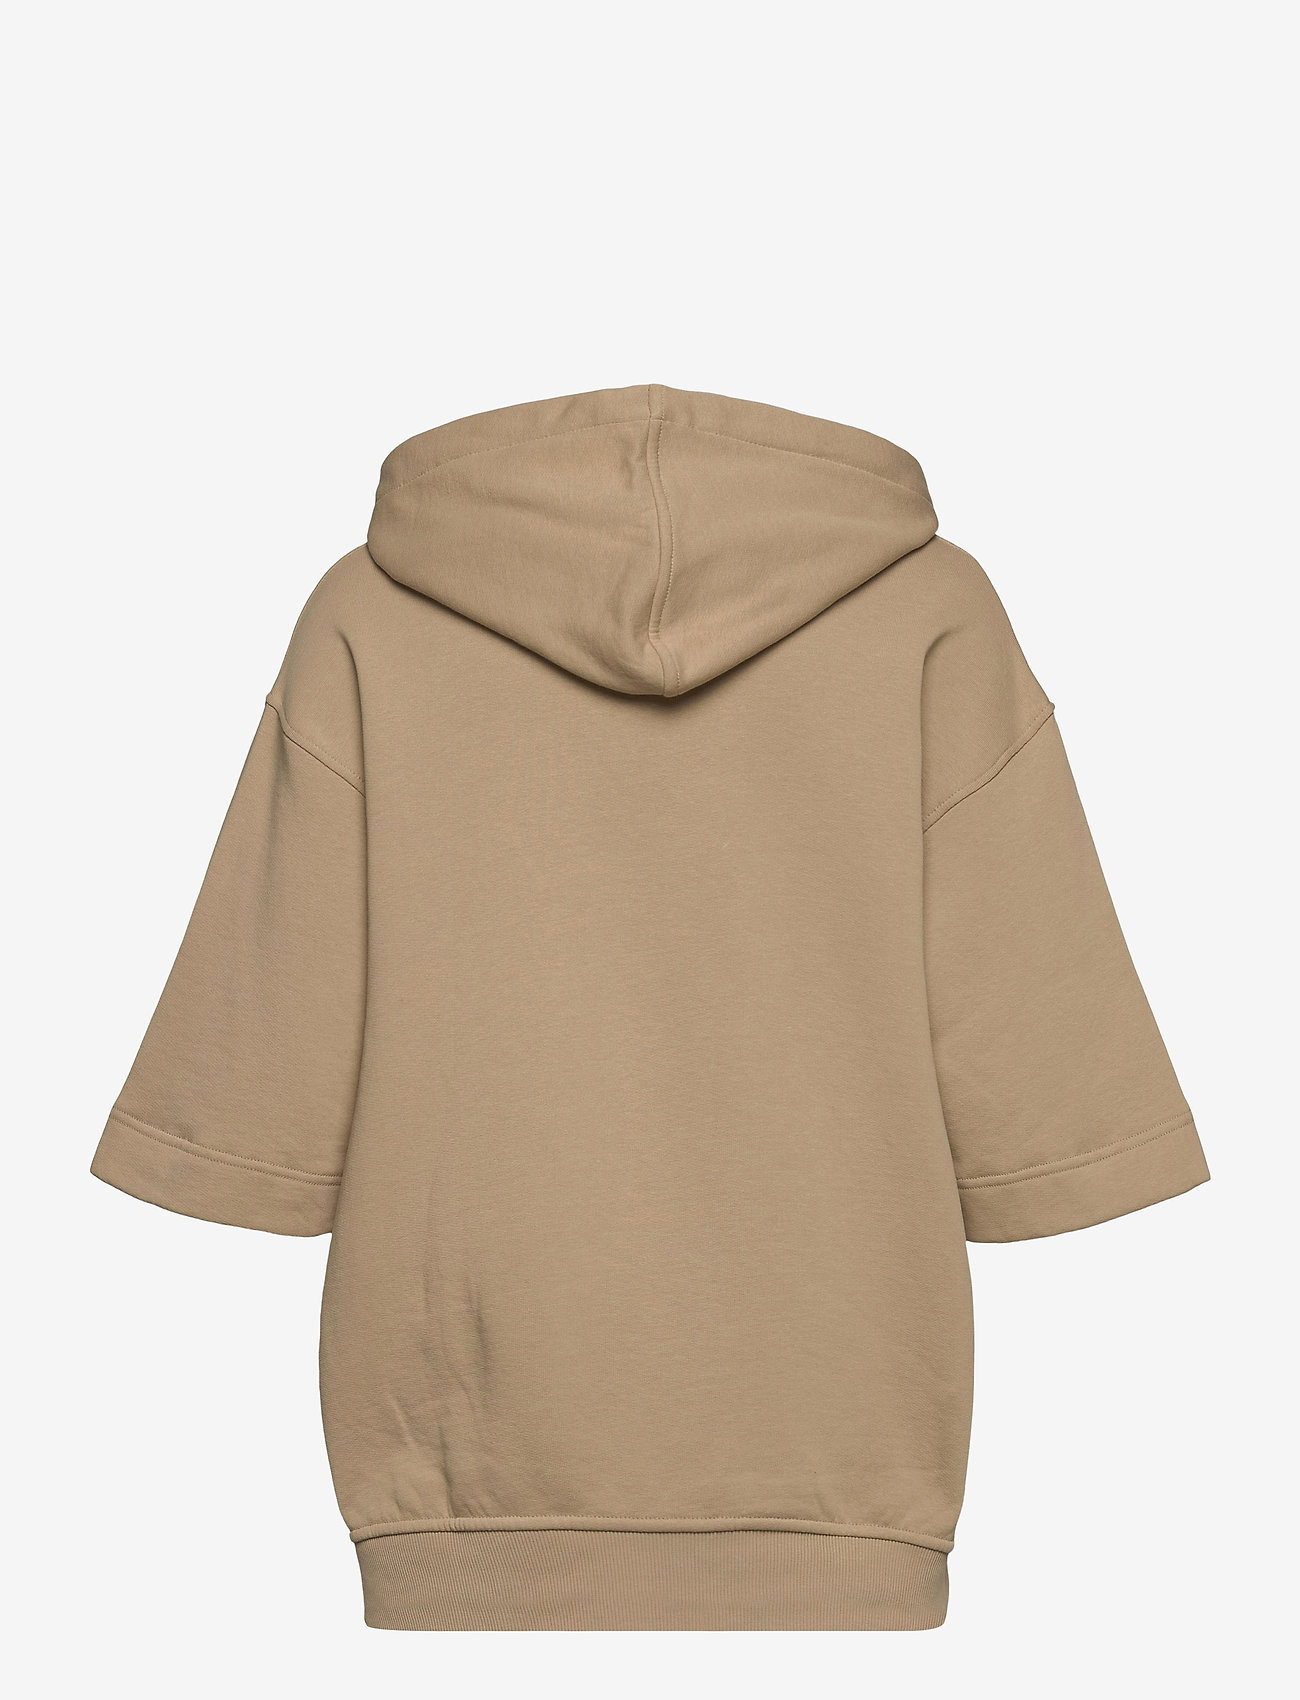 Baum und Pferdgarten - JURA - sweatshirts & hoodies - cuban sand - 2